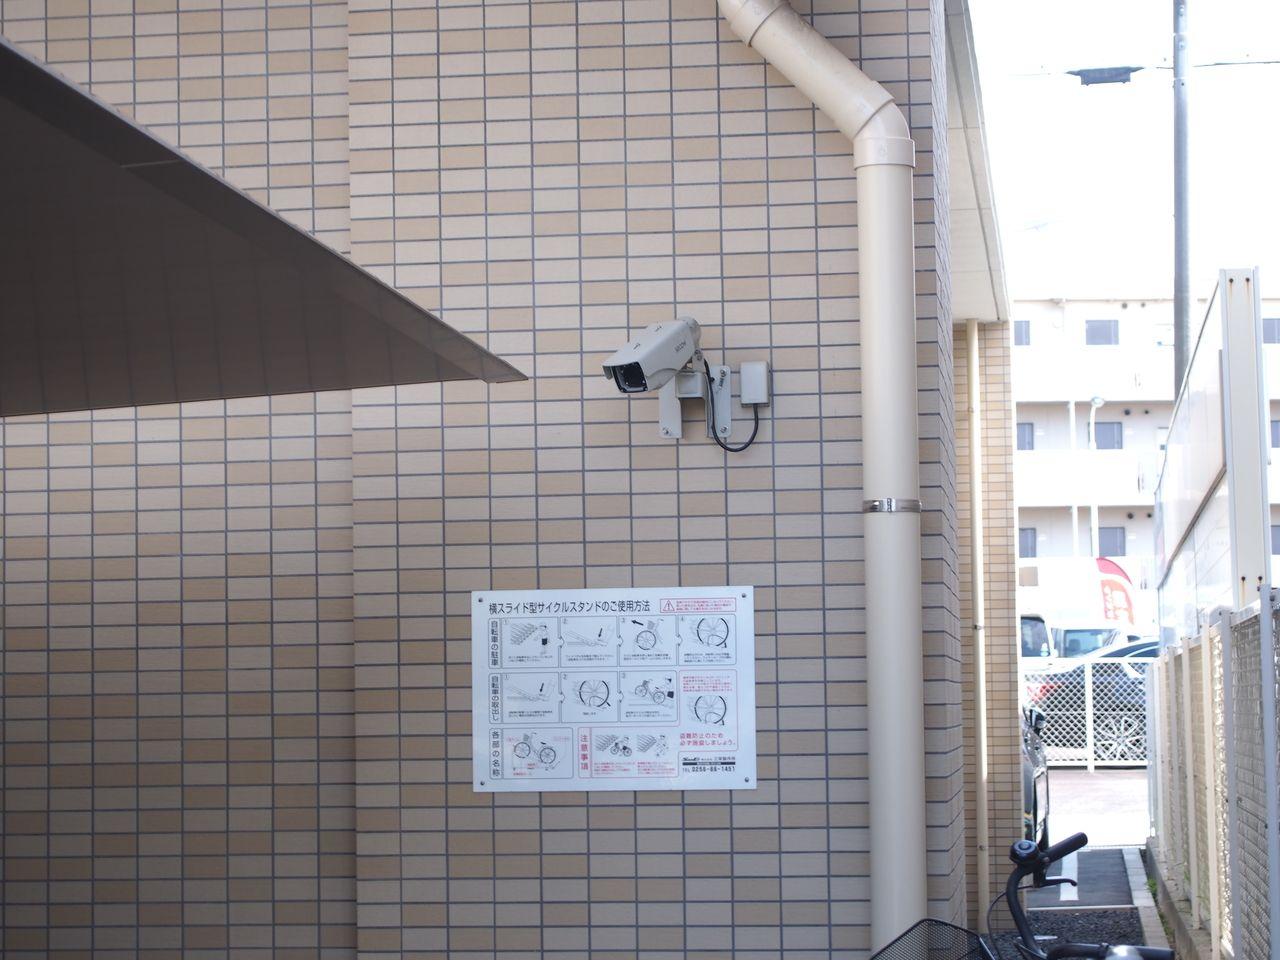 防犯カメラで盗難やいたずらを防ぎます。